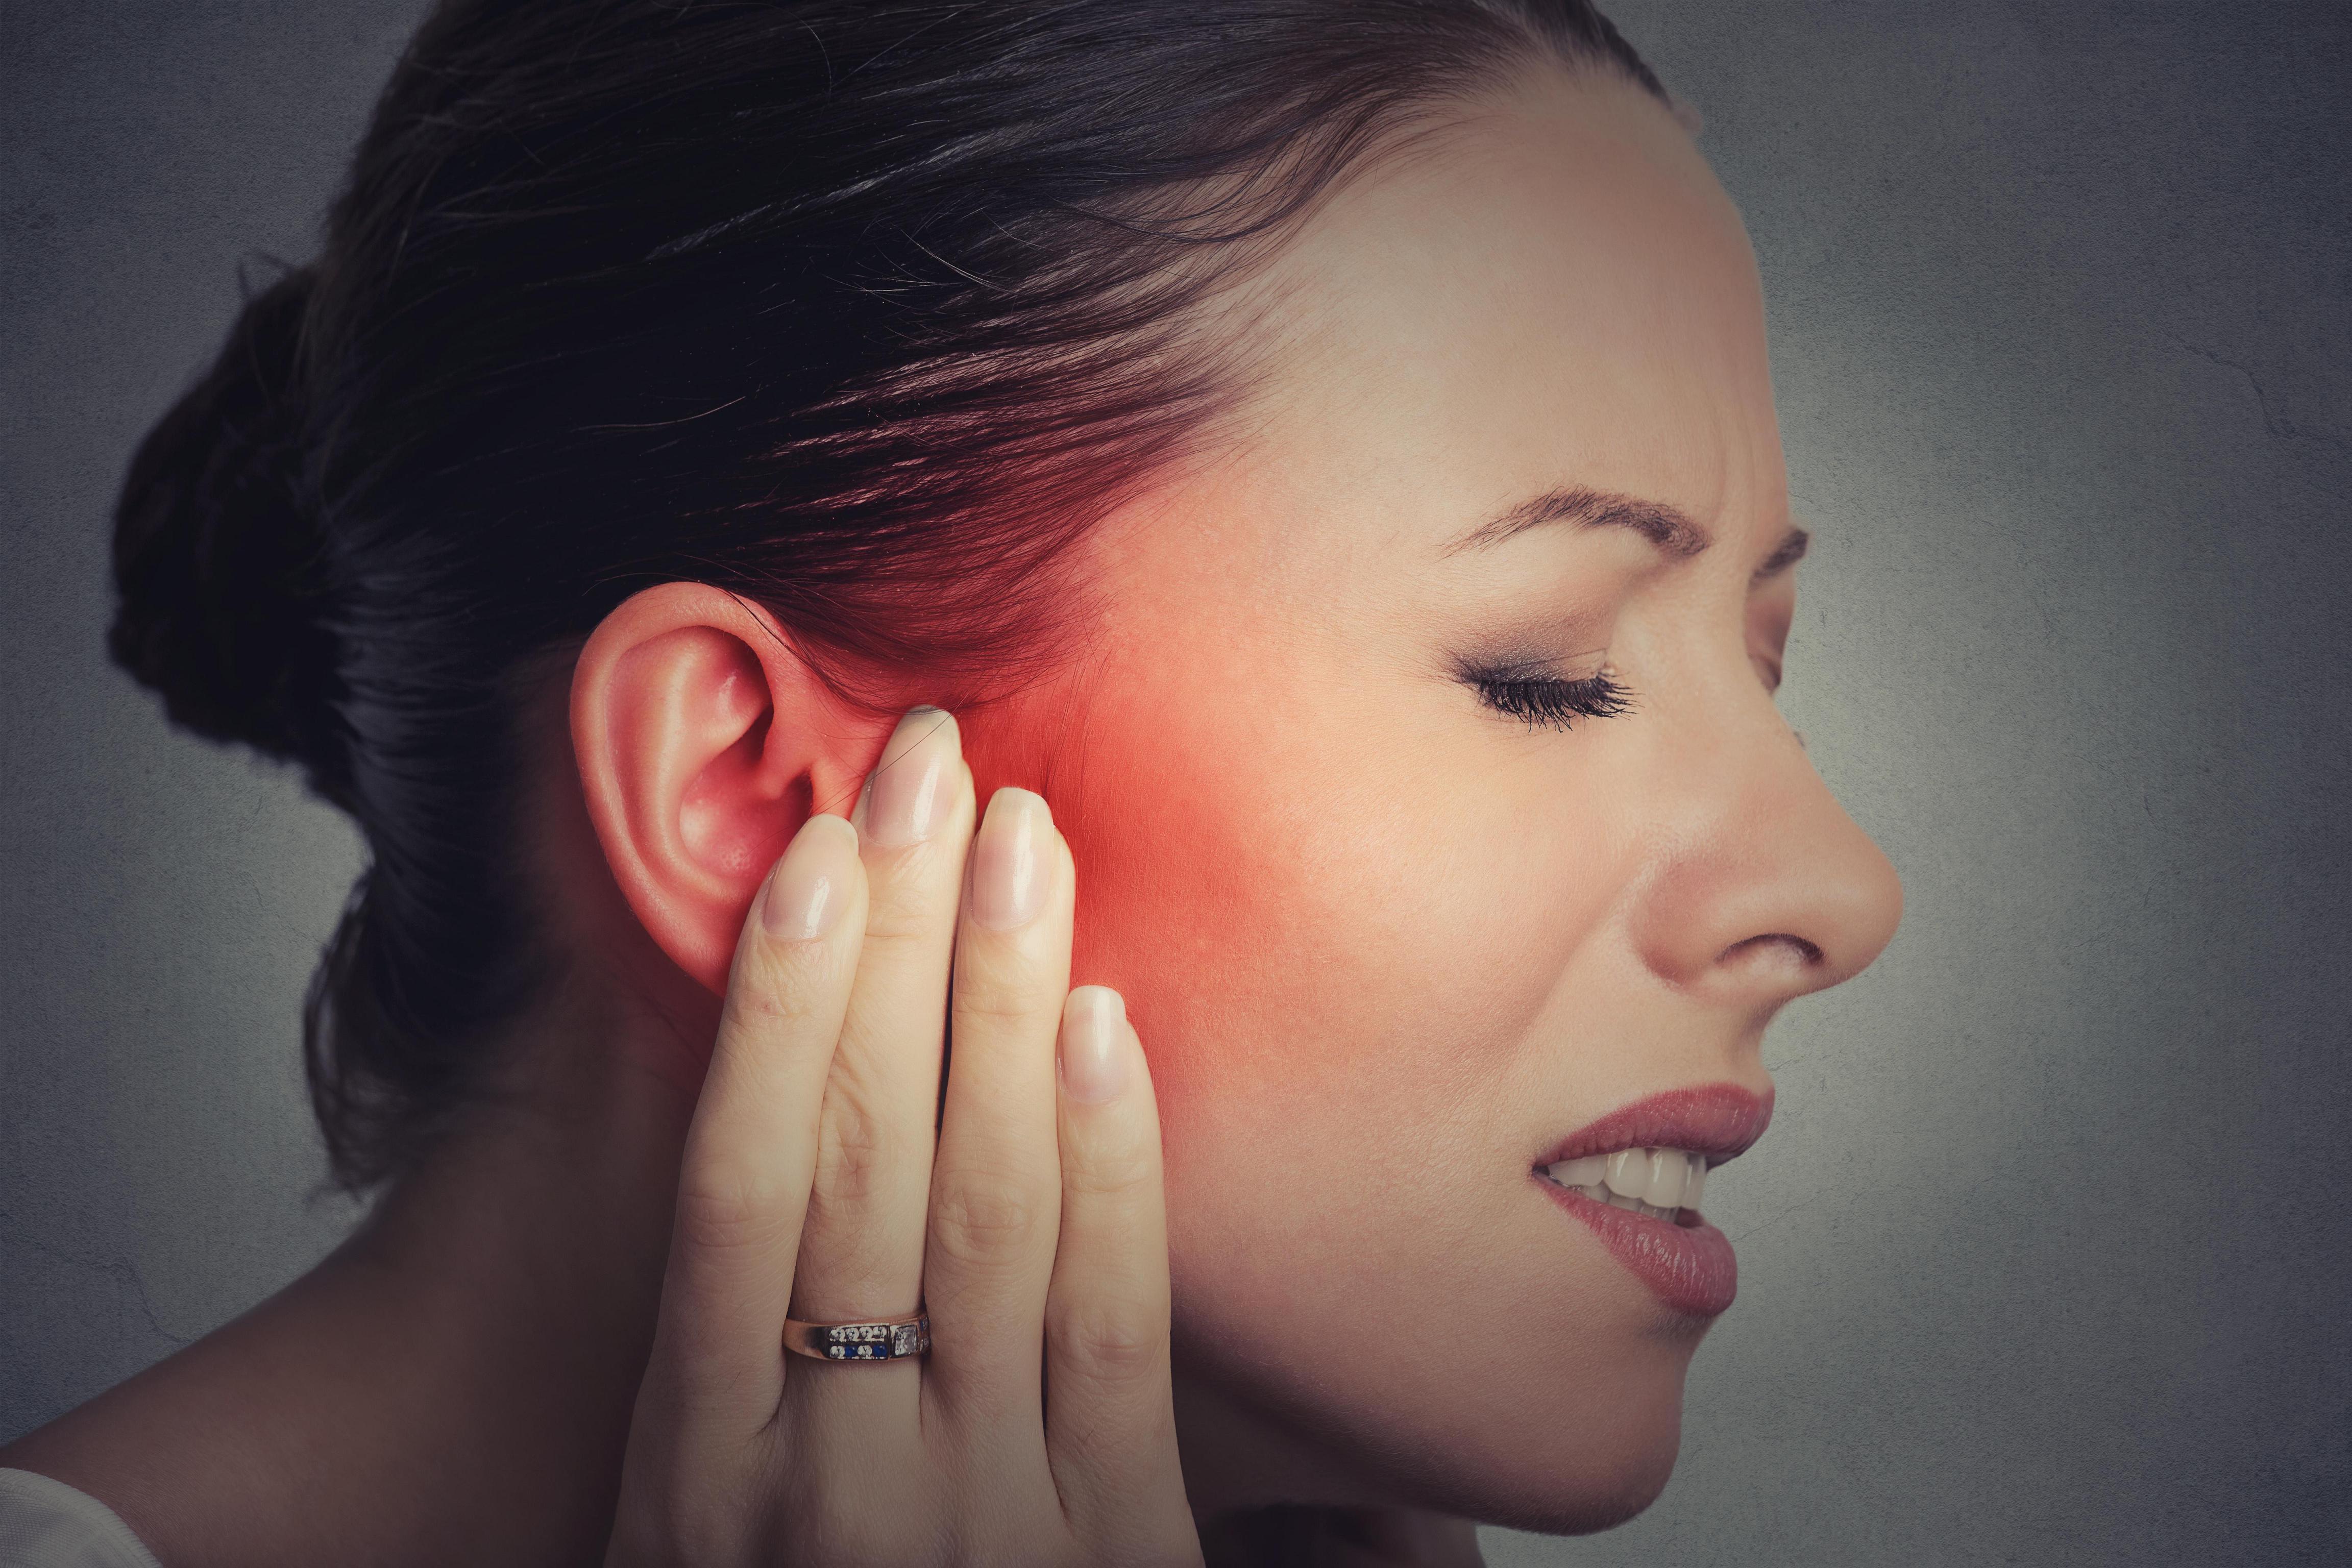 Schmerzen beim schlucken einseitig